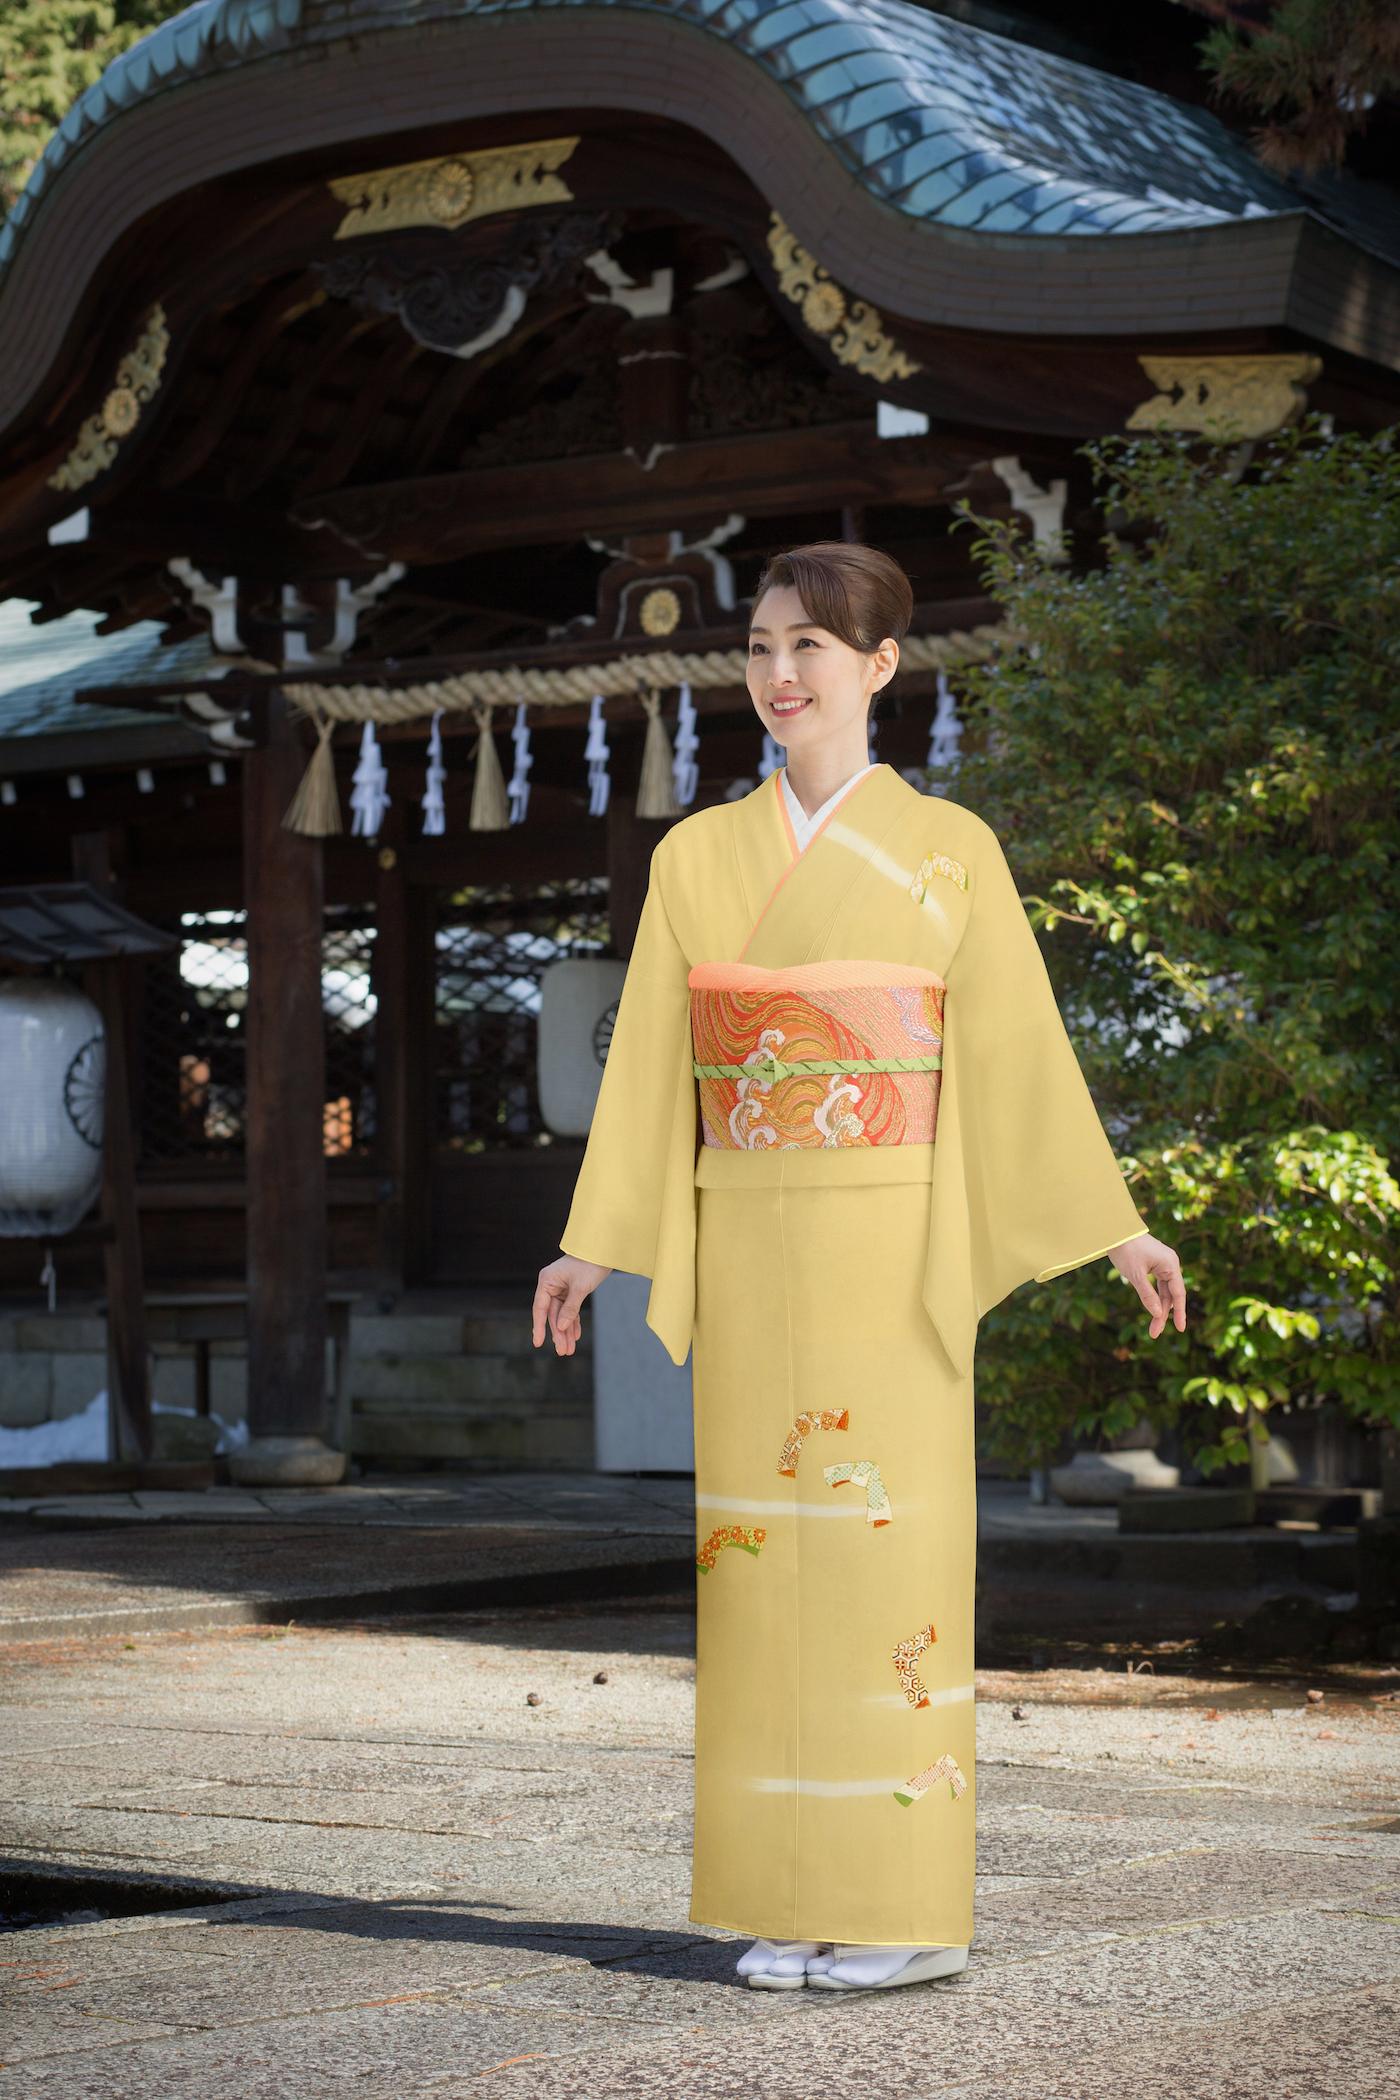 付け下げで神社の前にたたずむ女性